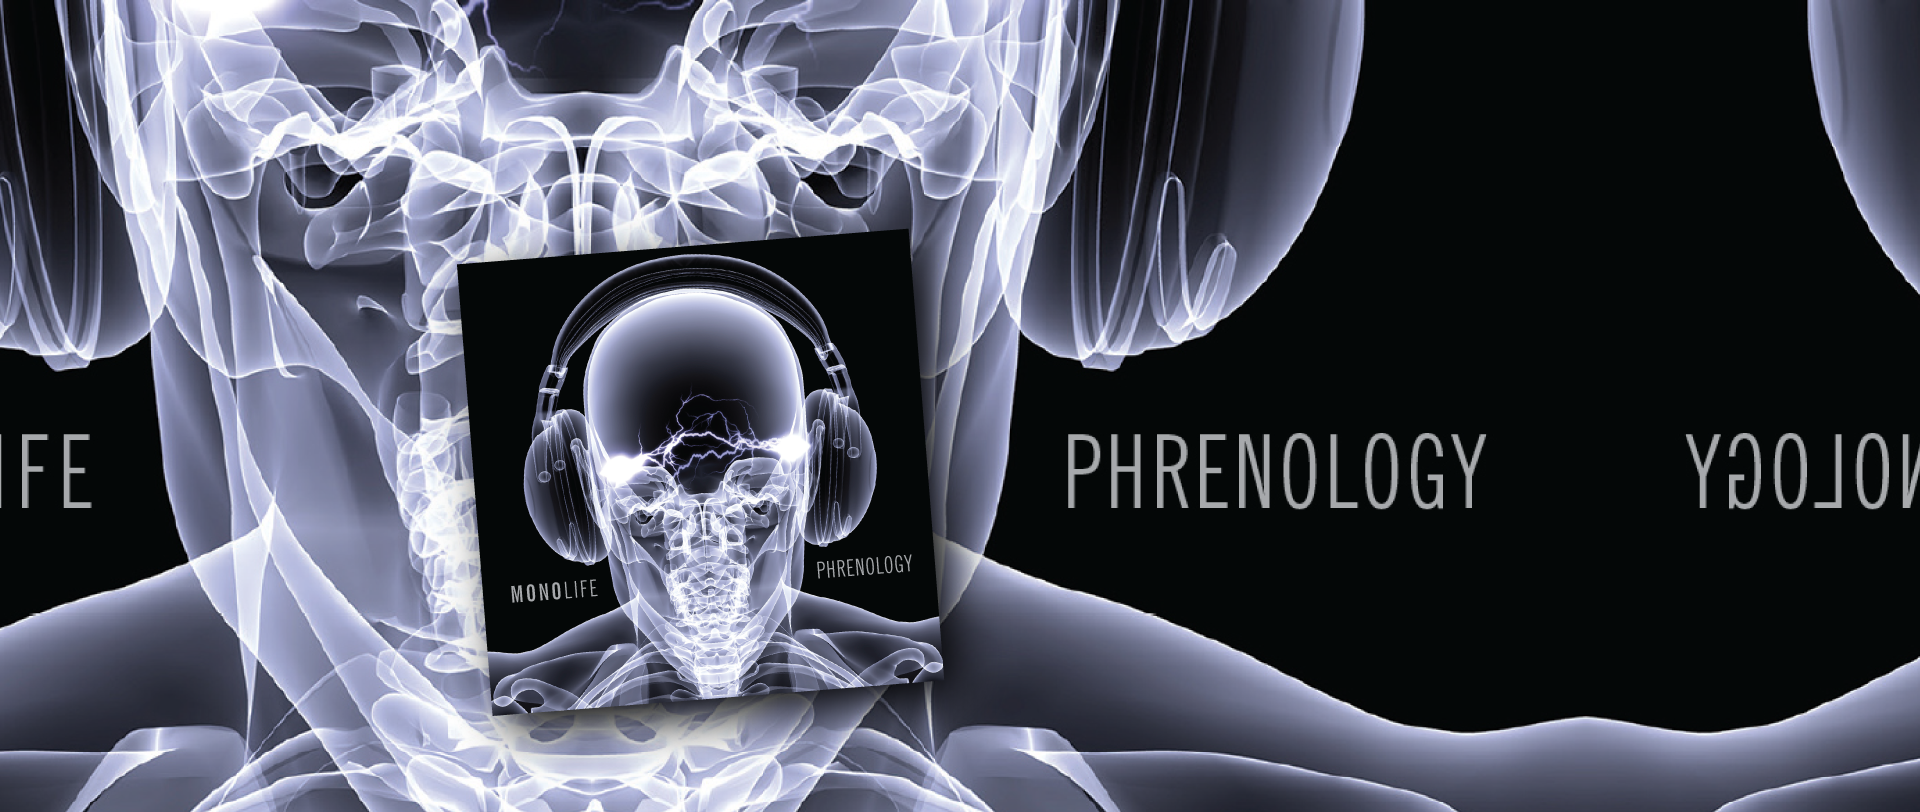 PhrenologySliderBG